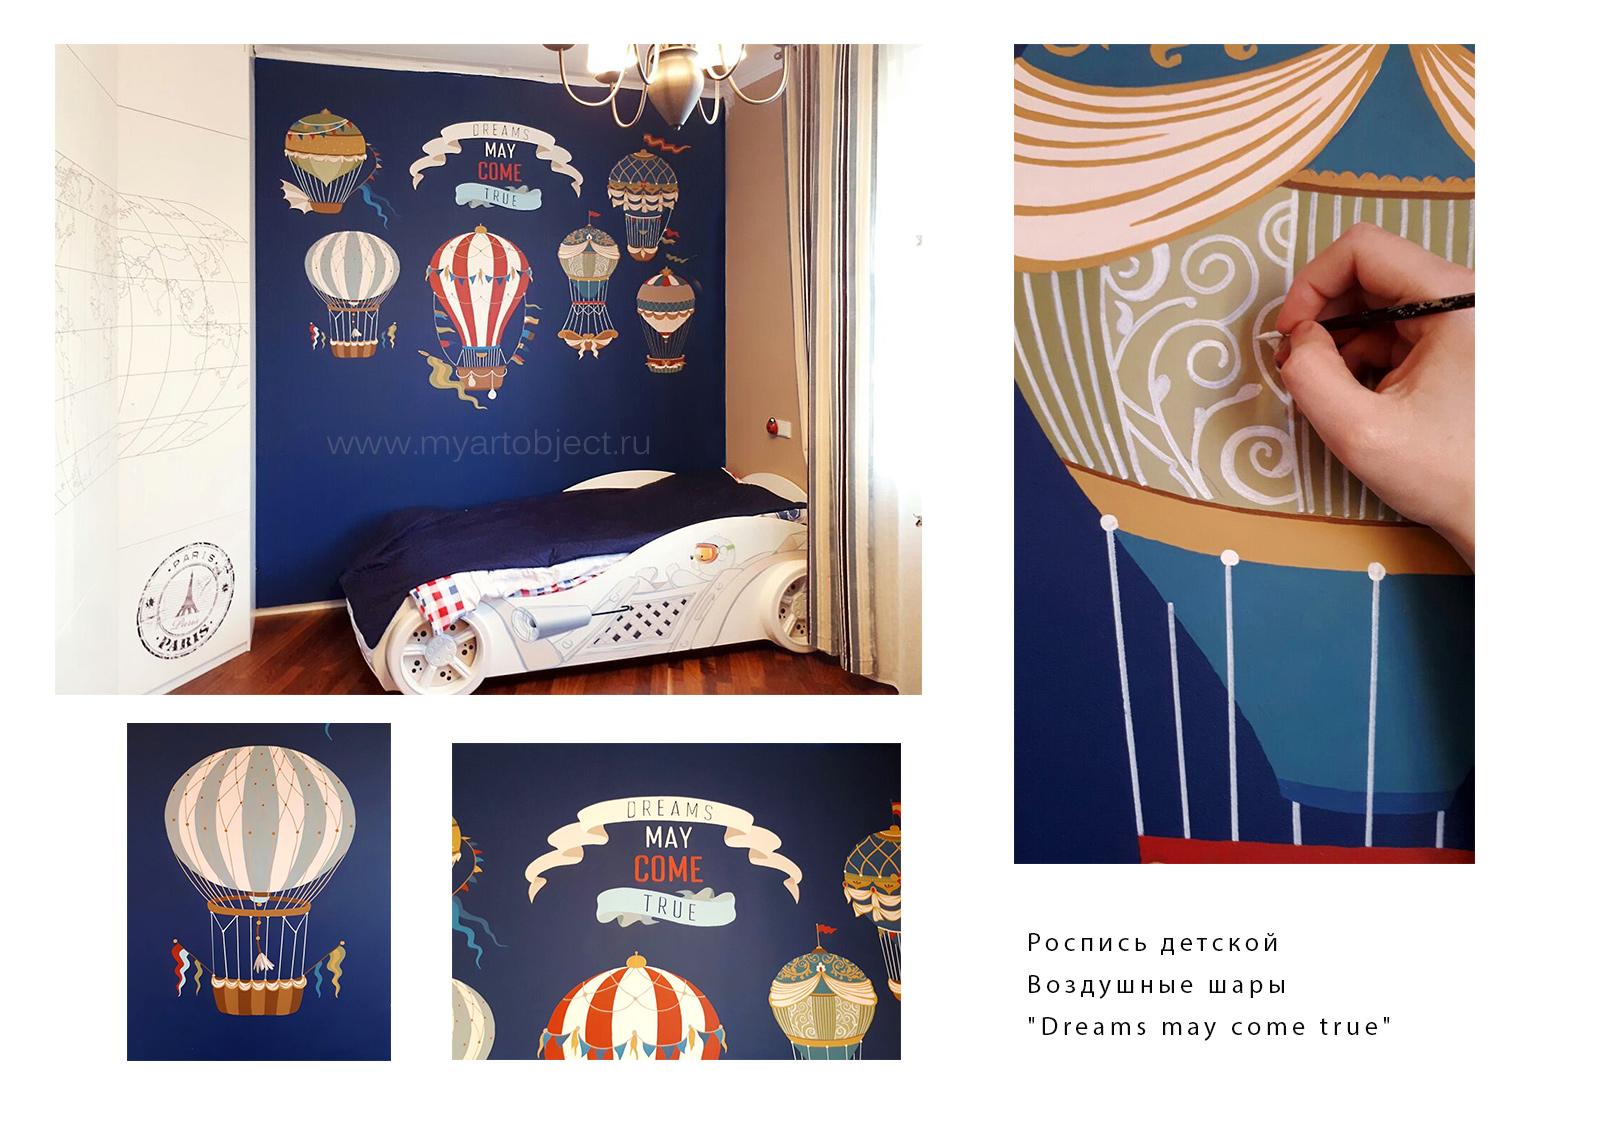 роспись-детской-комнаты-мальчика-воздушные-шары---air-baloons-mural-wall-art